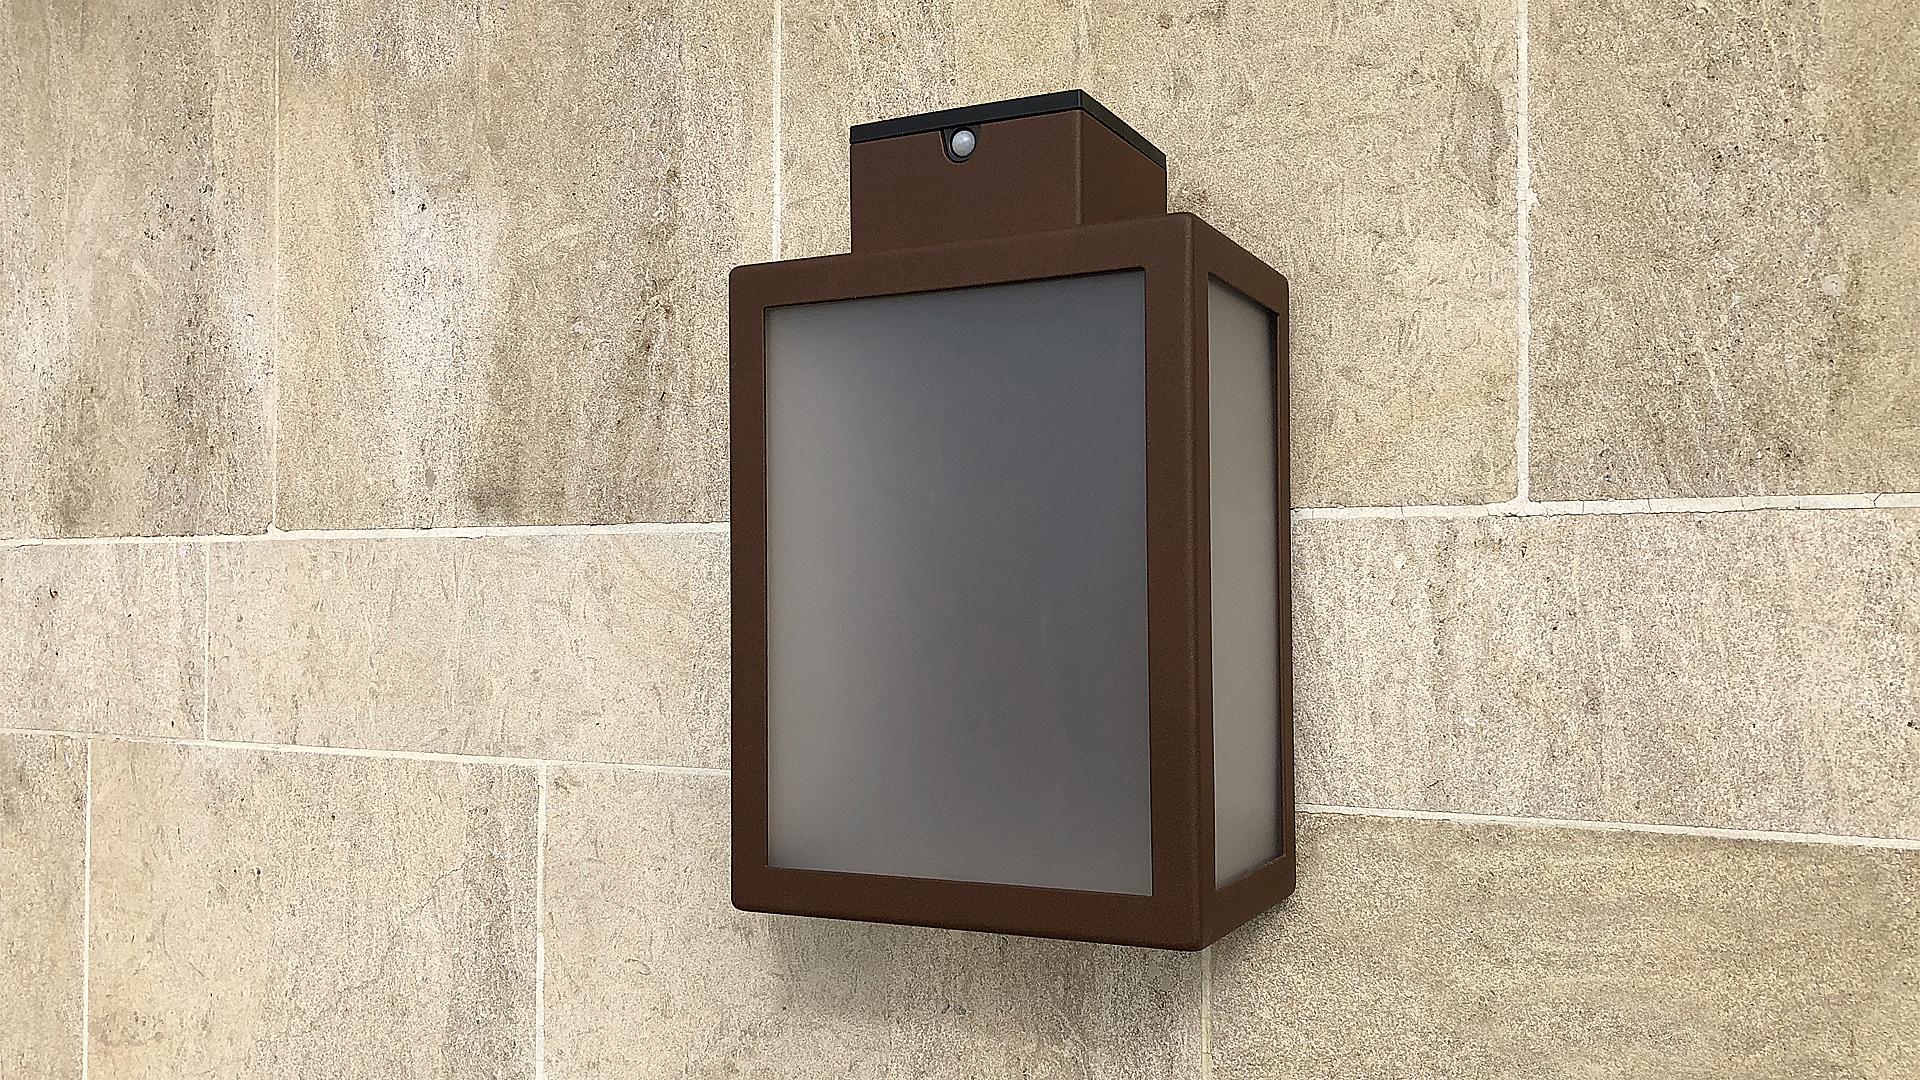 L' applique extérieure solaire APS 030 LYX Luminaires est fabriquée en acier rouille Corten. Cette applique extérieure solaire puissante est équipée d'un capteur solaire performant. Cette lampe extérieure murale solaire fait partie avec les appliques murales LED basse consommation LYX Luminaires de la vaste collection d' appliques murales extérieures LYX Luminaires. L'applique murale design APS 030 est idéale pour l'éclairage de piliers, l'éclairage de portail, l'éclairage de façade, l'éclairage d'entrée, l'éclairage de terrasses, l'éclairage de balcons. Une applique extérieure solaire design pour un éclairage mural moderne et un éclairage mural puissant. / Lampe extérieure jardin pour un éclairage extérieur design. Version lampe solaire jardin ou lampe jardin LED. Cette lampe de jardin ou lampe terrasse est une lampe de jardin avec détecteur. Fabriquée en acier, la lampe jardin détecteur permet un éclairage solaire ou un éclairage LED puissant selon le modèle choisi. Découvrez la collection de luminaires extérieurs constituée de lampes solaires et lampes LED. Vaste collection d'appliques extérieures / appliques murales : applique murale extérieure solaire, applique murale LED, applique extérieure design. Les appliques extérieures murales sont de fabrication française. Lampe solaire idéale pour l'éclairage de terrasses, de jardin. Lampe solaire terrasse, lampe extérieure terrasse permettant un éclairage performant. La lampe extérieure est équipée d'un détecteur de présence. Le luminaire extérieur doté d'un détecteur de mouvement, éclaire au passage d'une personne d'une voiture. Lampe extérieure détecteur puissante et efficace, au design épuré et moderne. Cette applique extérieure fait partie de la vaste collection d'appliques murales extérieures composée d'appliques murales LED et appliques murales solaires. Lampe murale LED fabriquée en acier comme toutes nos lampes murales (lampe murale LED et lampe solaire murale). Cette lampe murale extérieure diffuse un éclaira